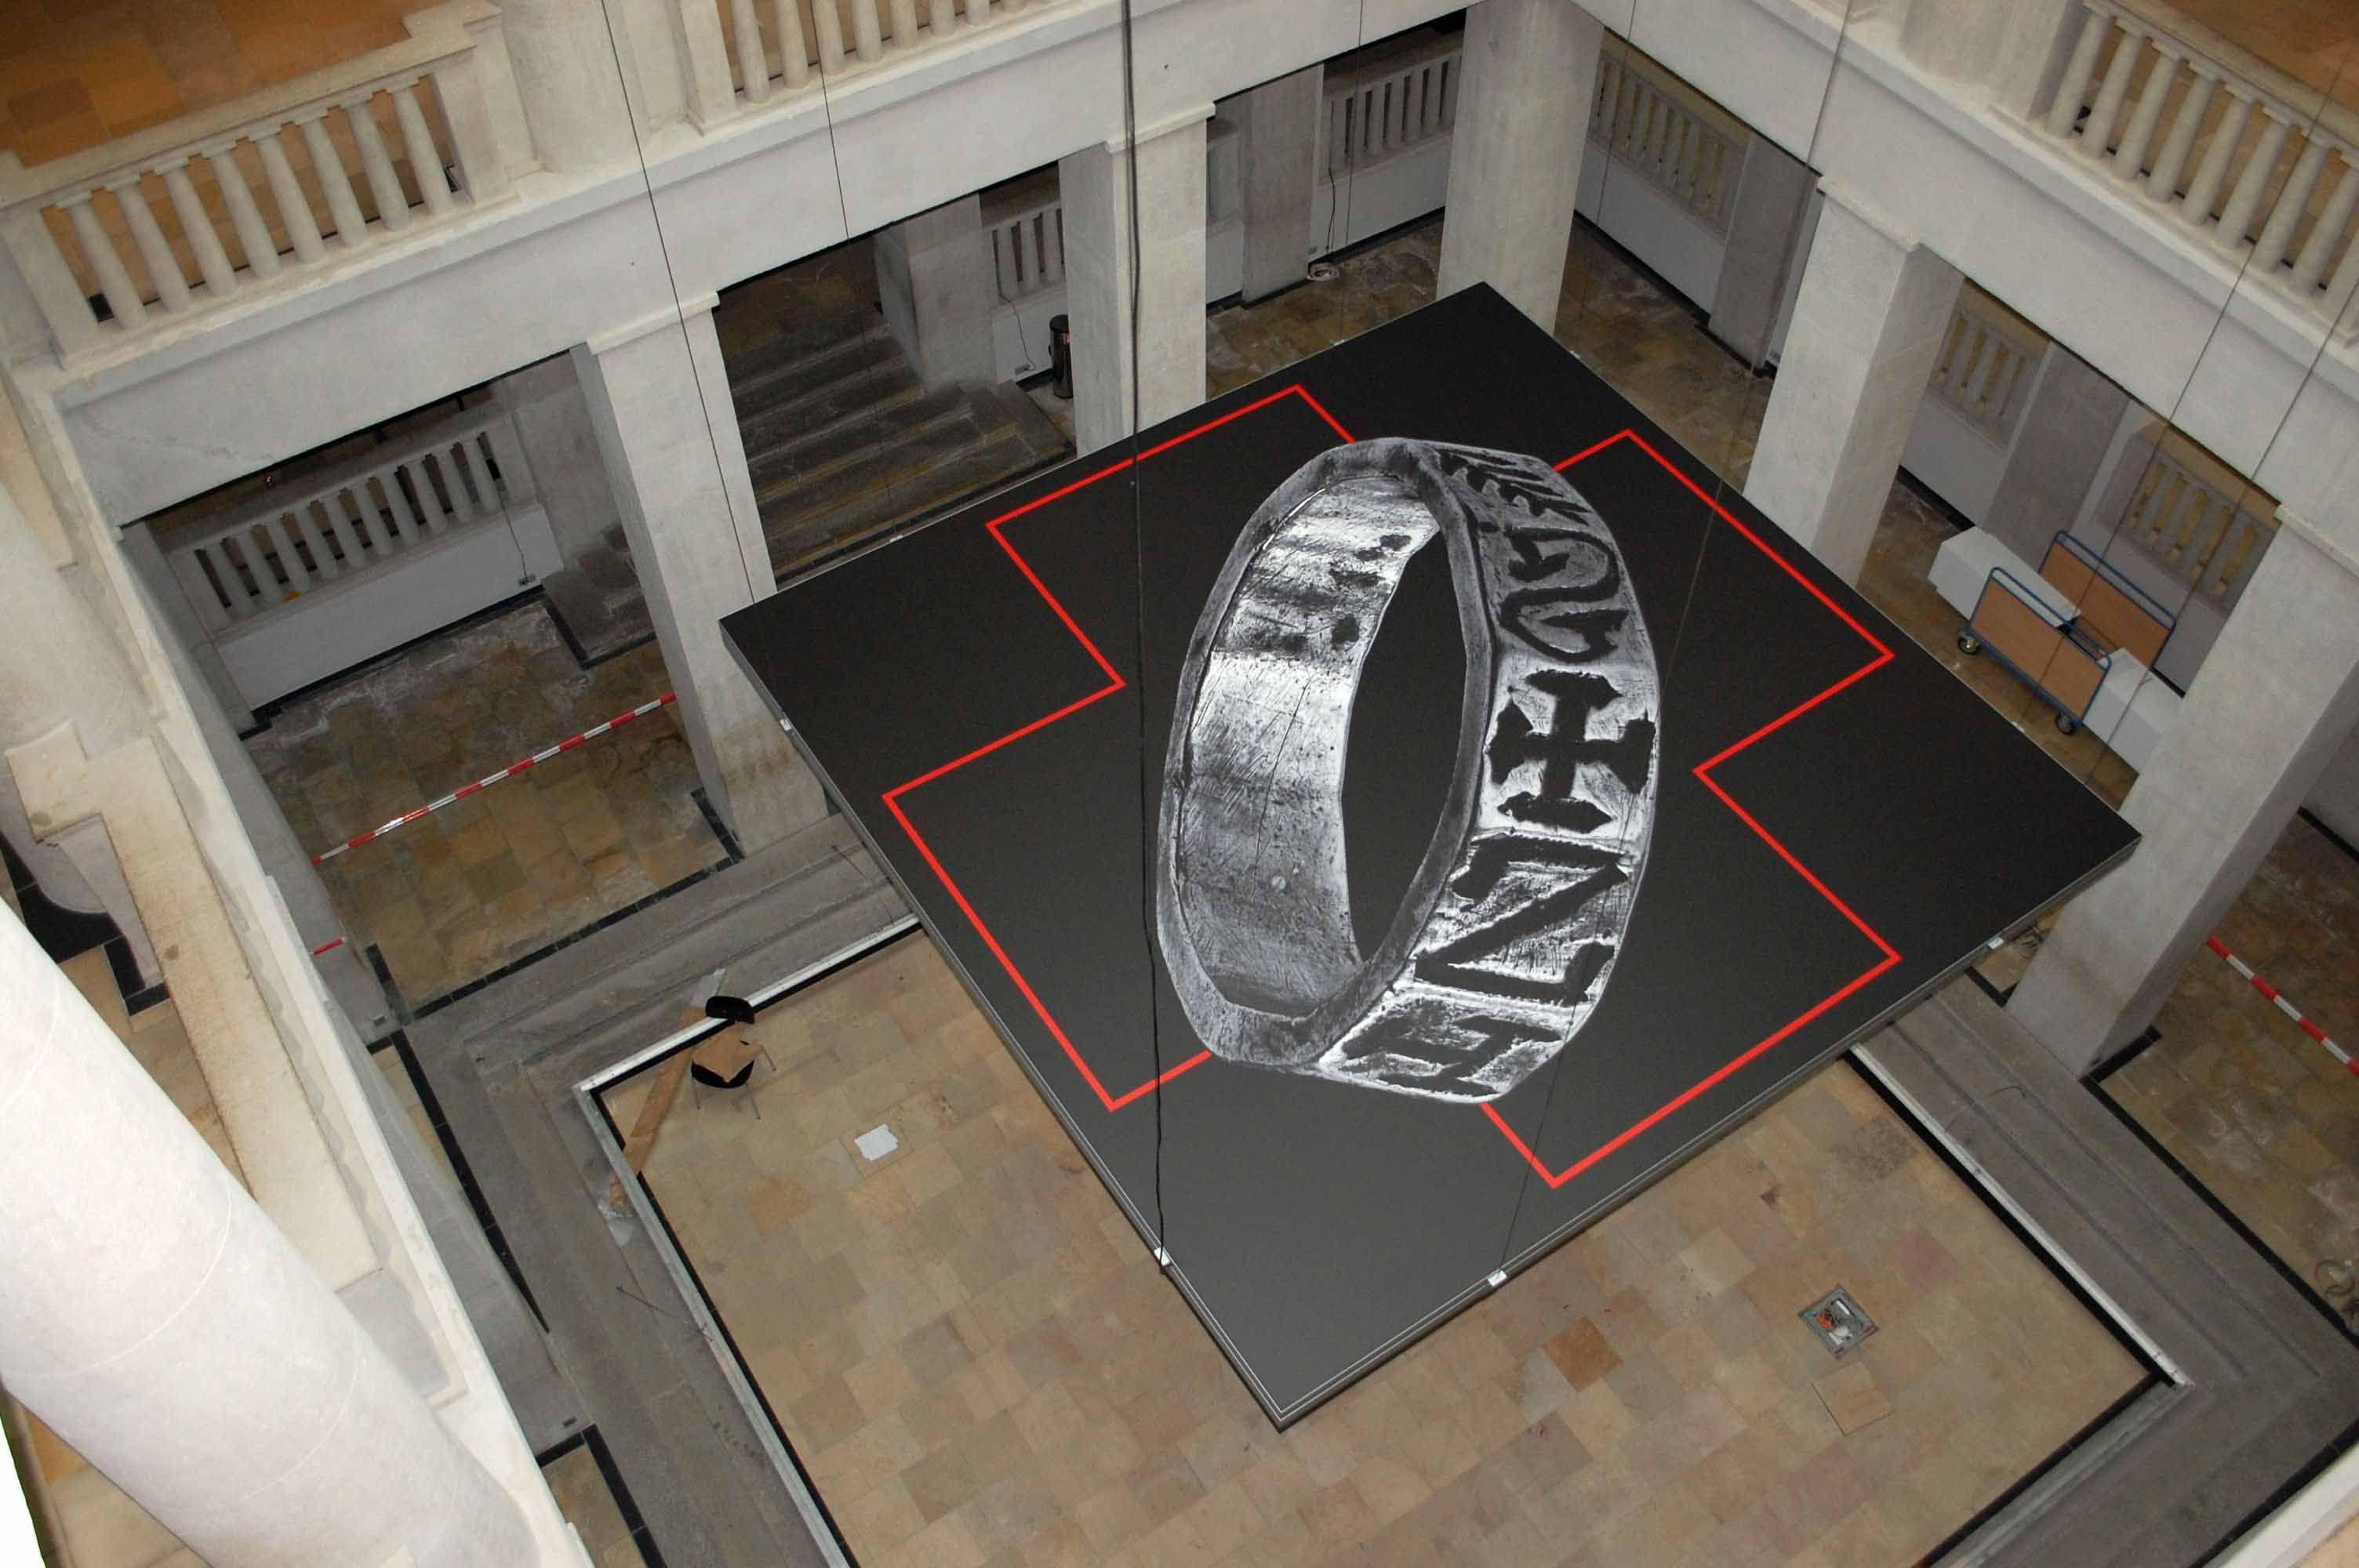 Von seiner Abdeckung befreit, hängt der 5 x 5 Meter große Rahmen sicher im Atrium des Landesmuseums für Vorgeschichte Halle. © Landesamt für Denkmalpflege und Archäologie Sachsen-Anhalt.